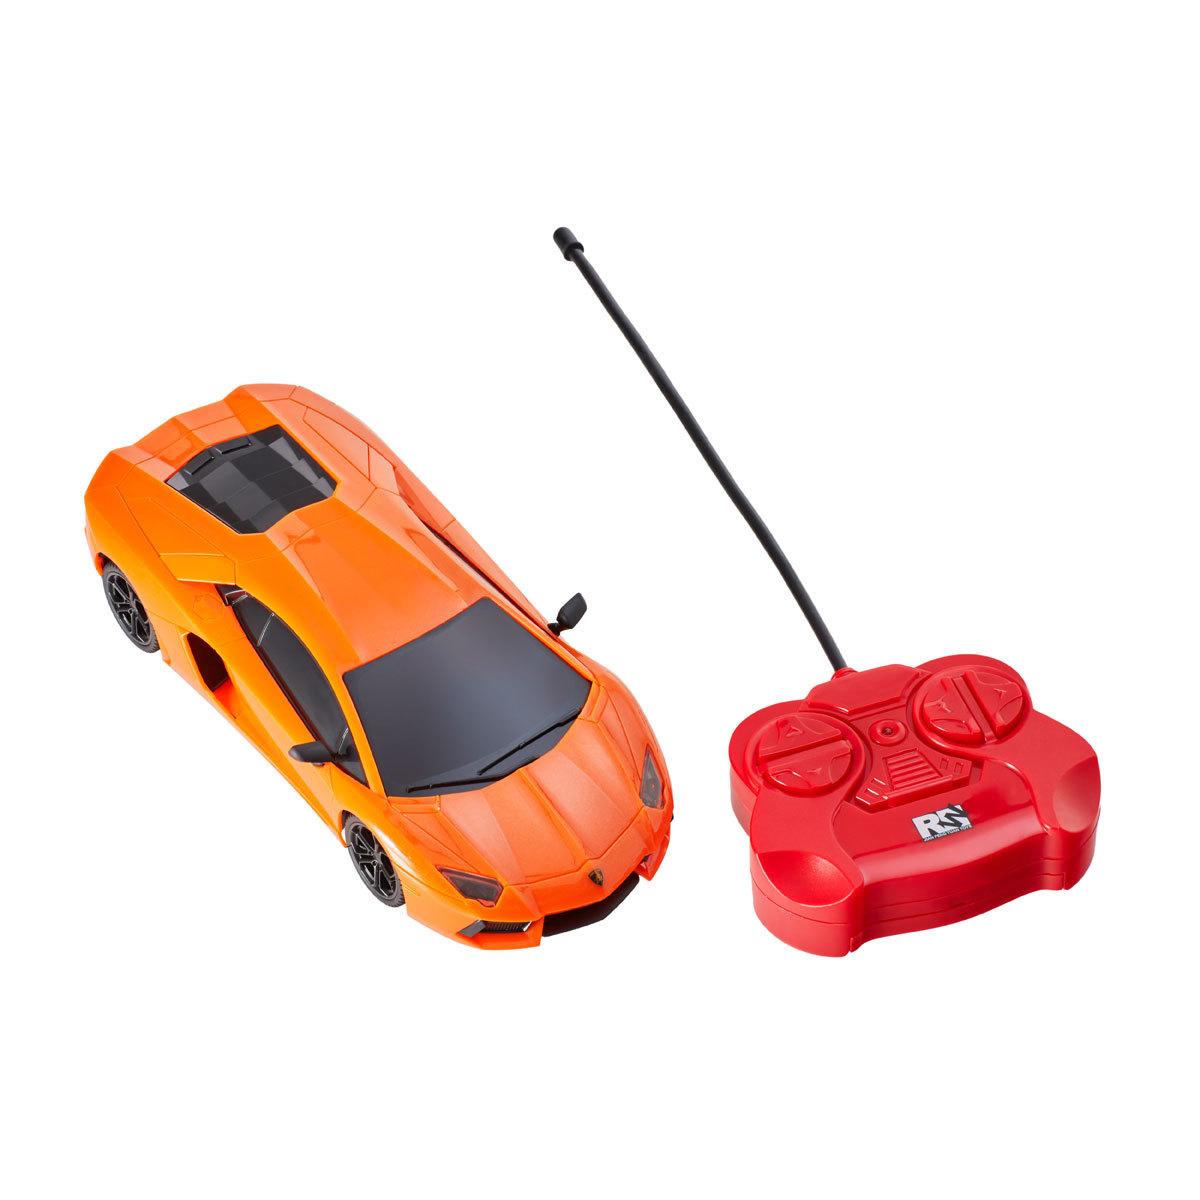 Lamborghini Aventador Orange Remote Control Car The Entertainer